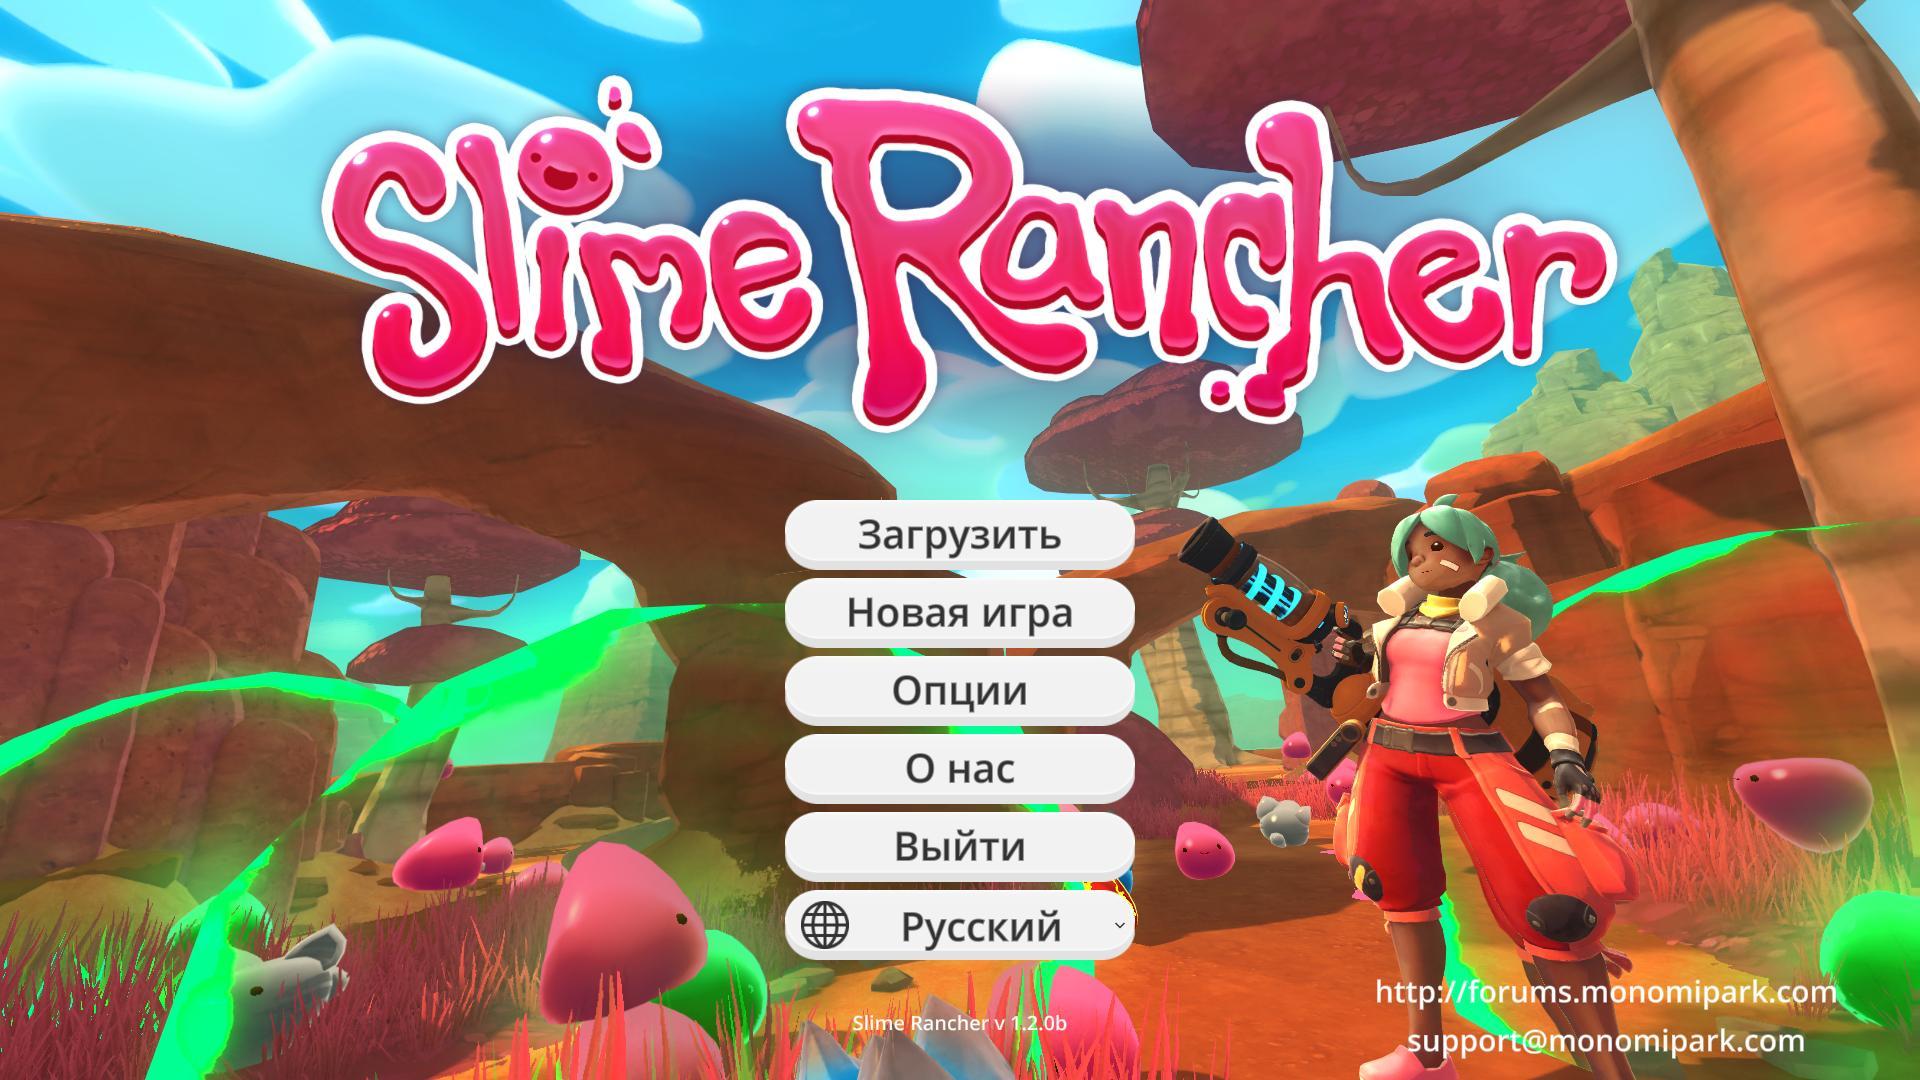 Slime Rancher [v 1.2.0b] (2017) РС